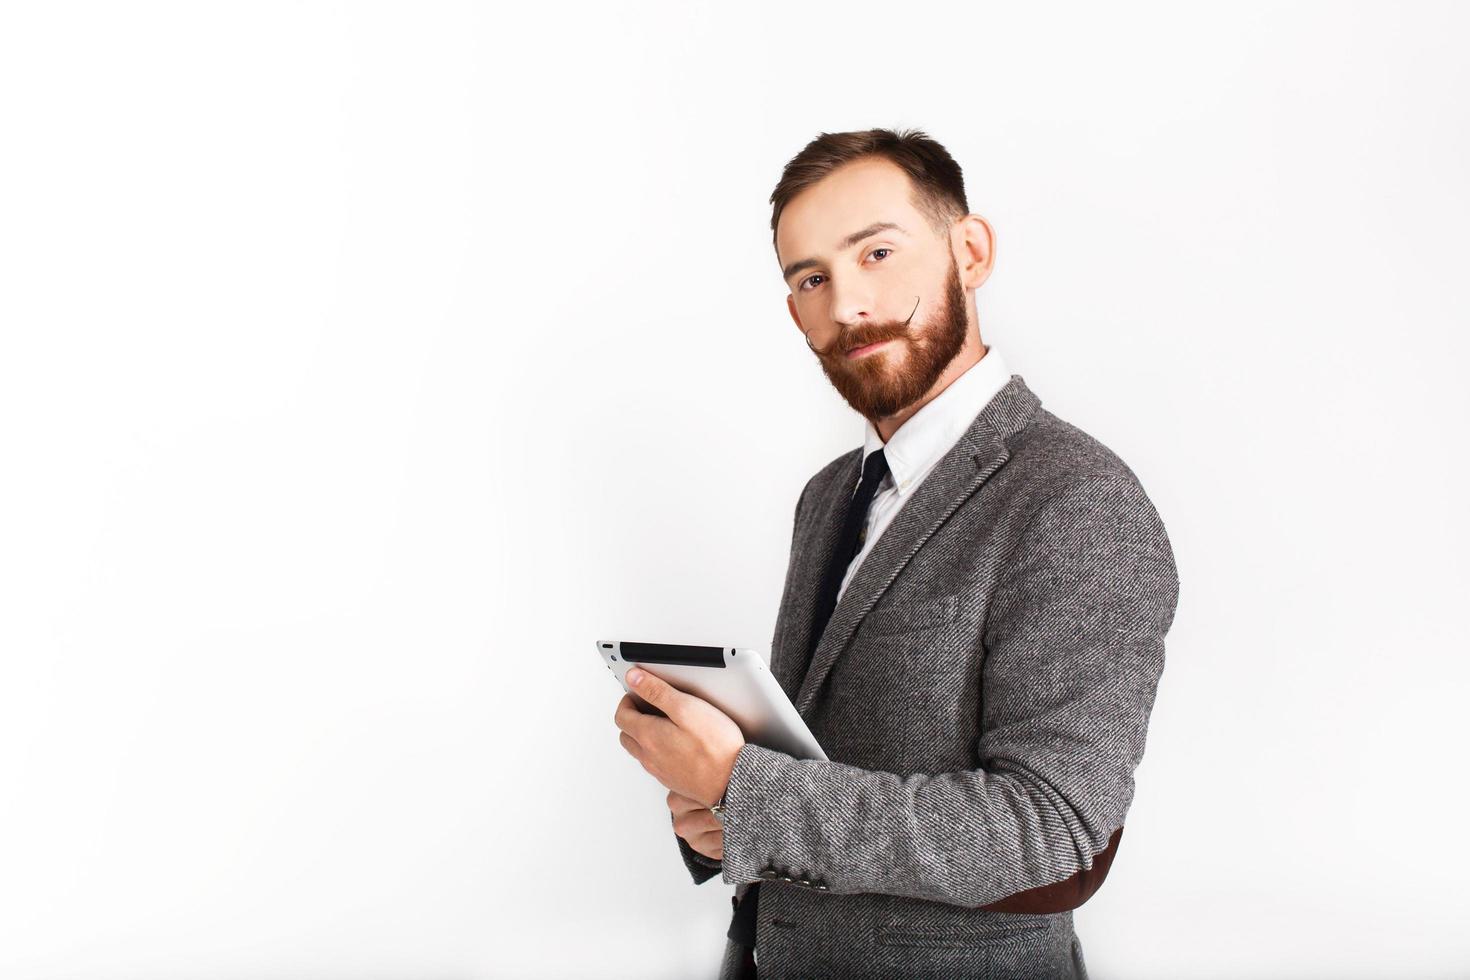 homem sério com barba ruiva posa em um terno cinza com tablet na mão foto